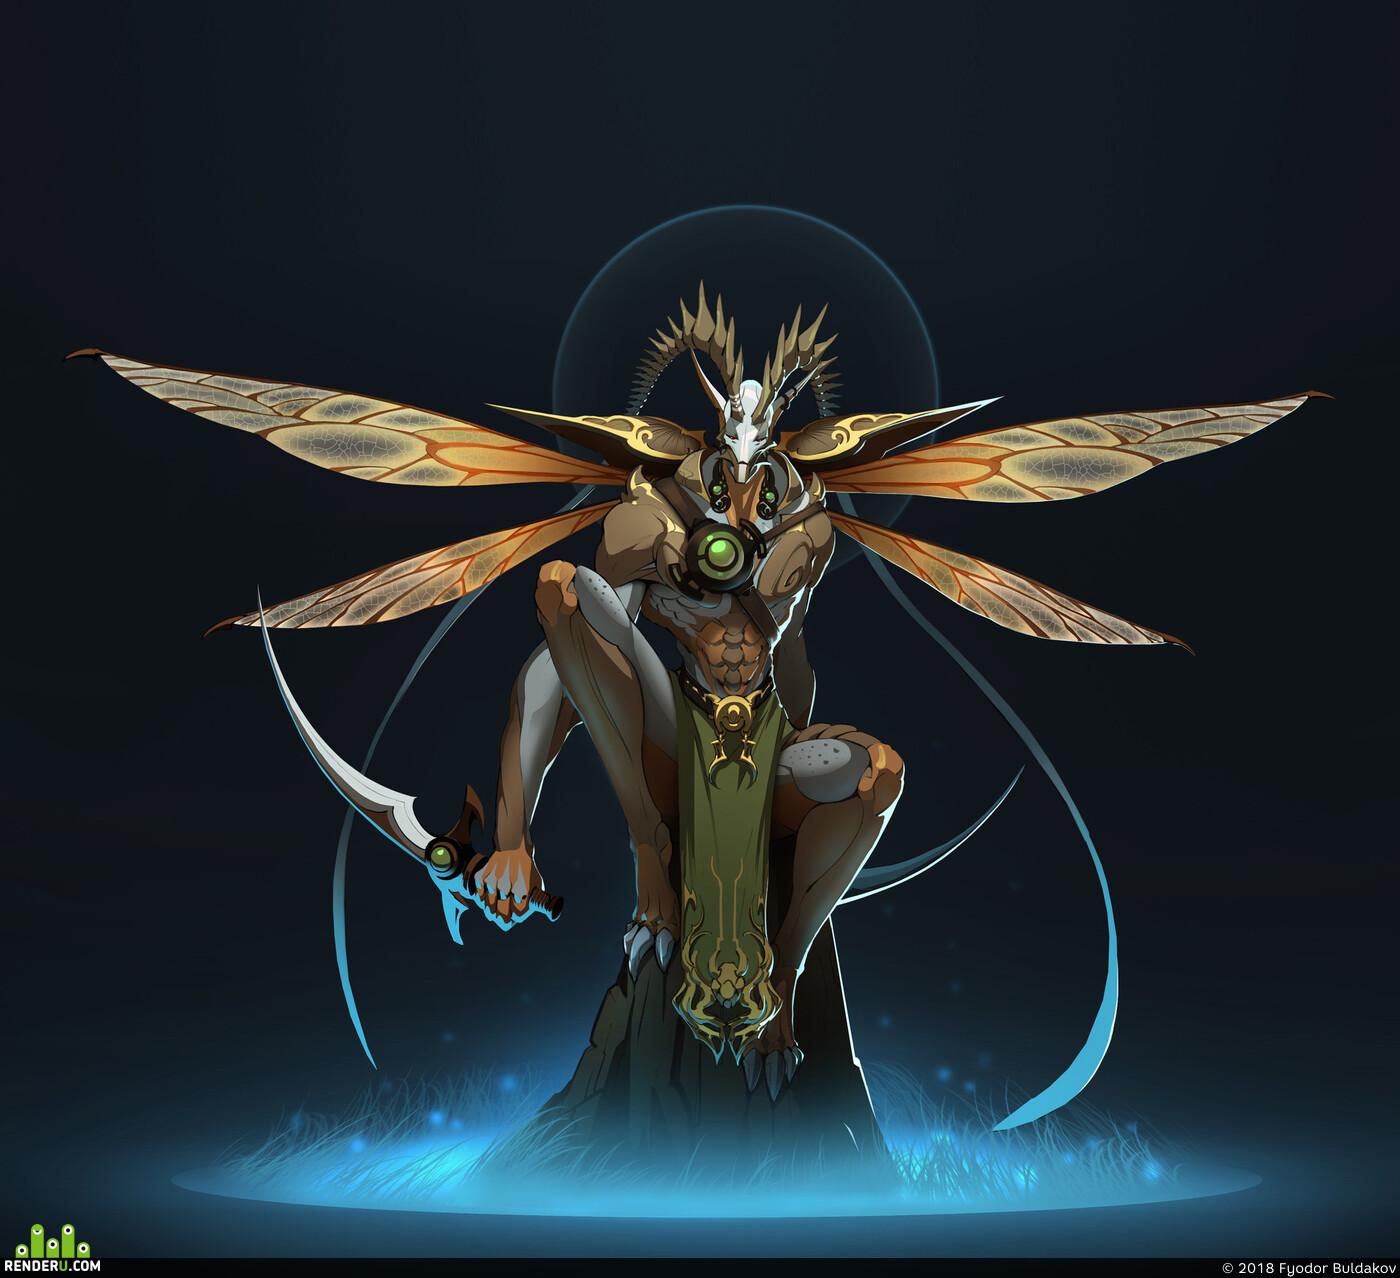 character, design_character, Characters characterdesign characterart, fantasfantasy, Fantasy, Dark fantasy, fantasy creature